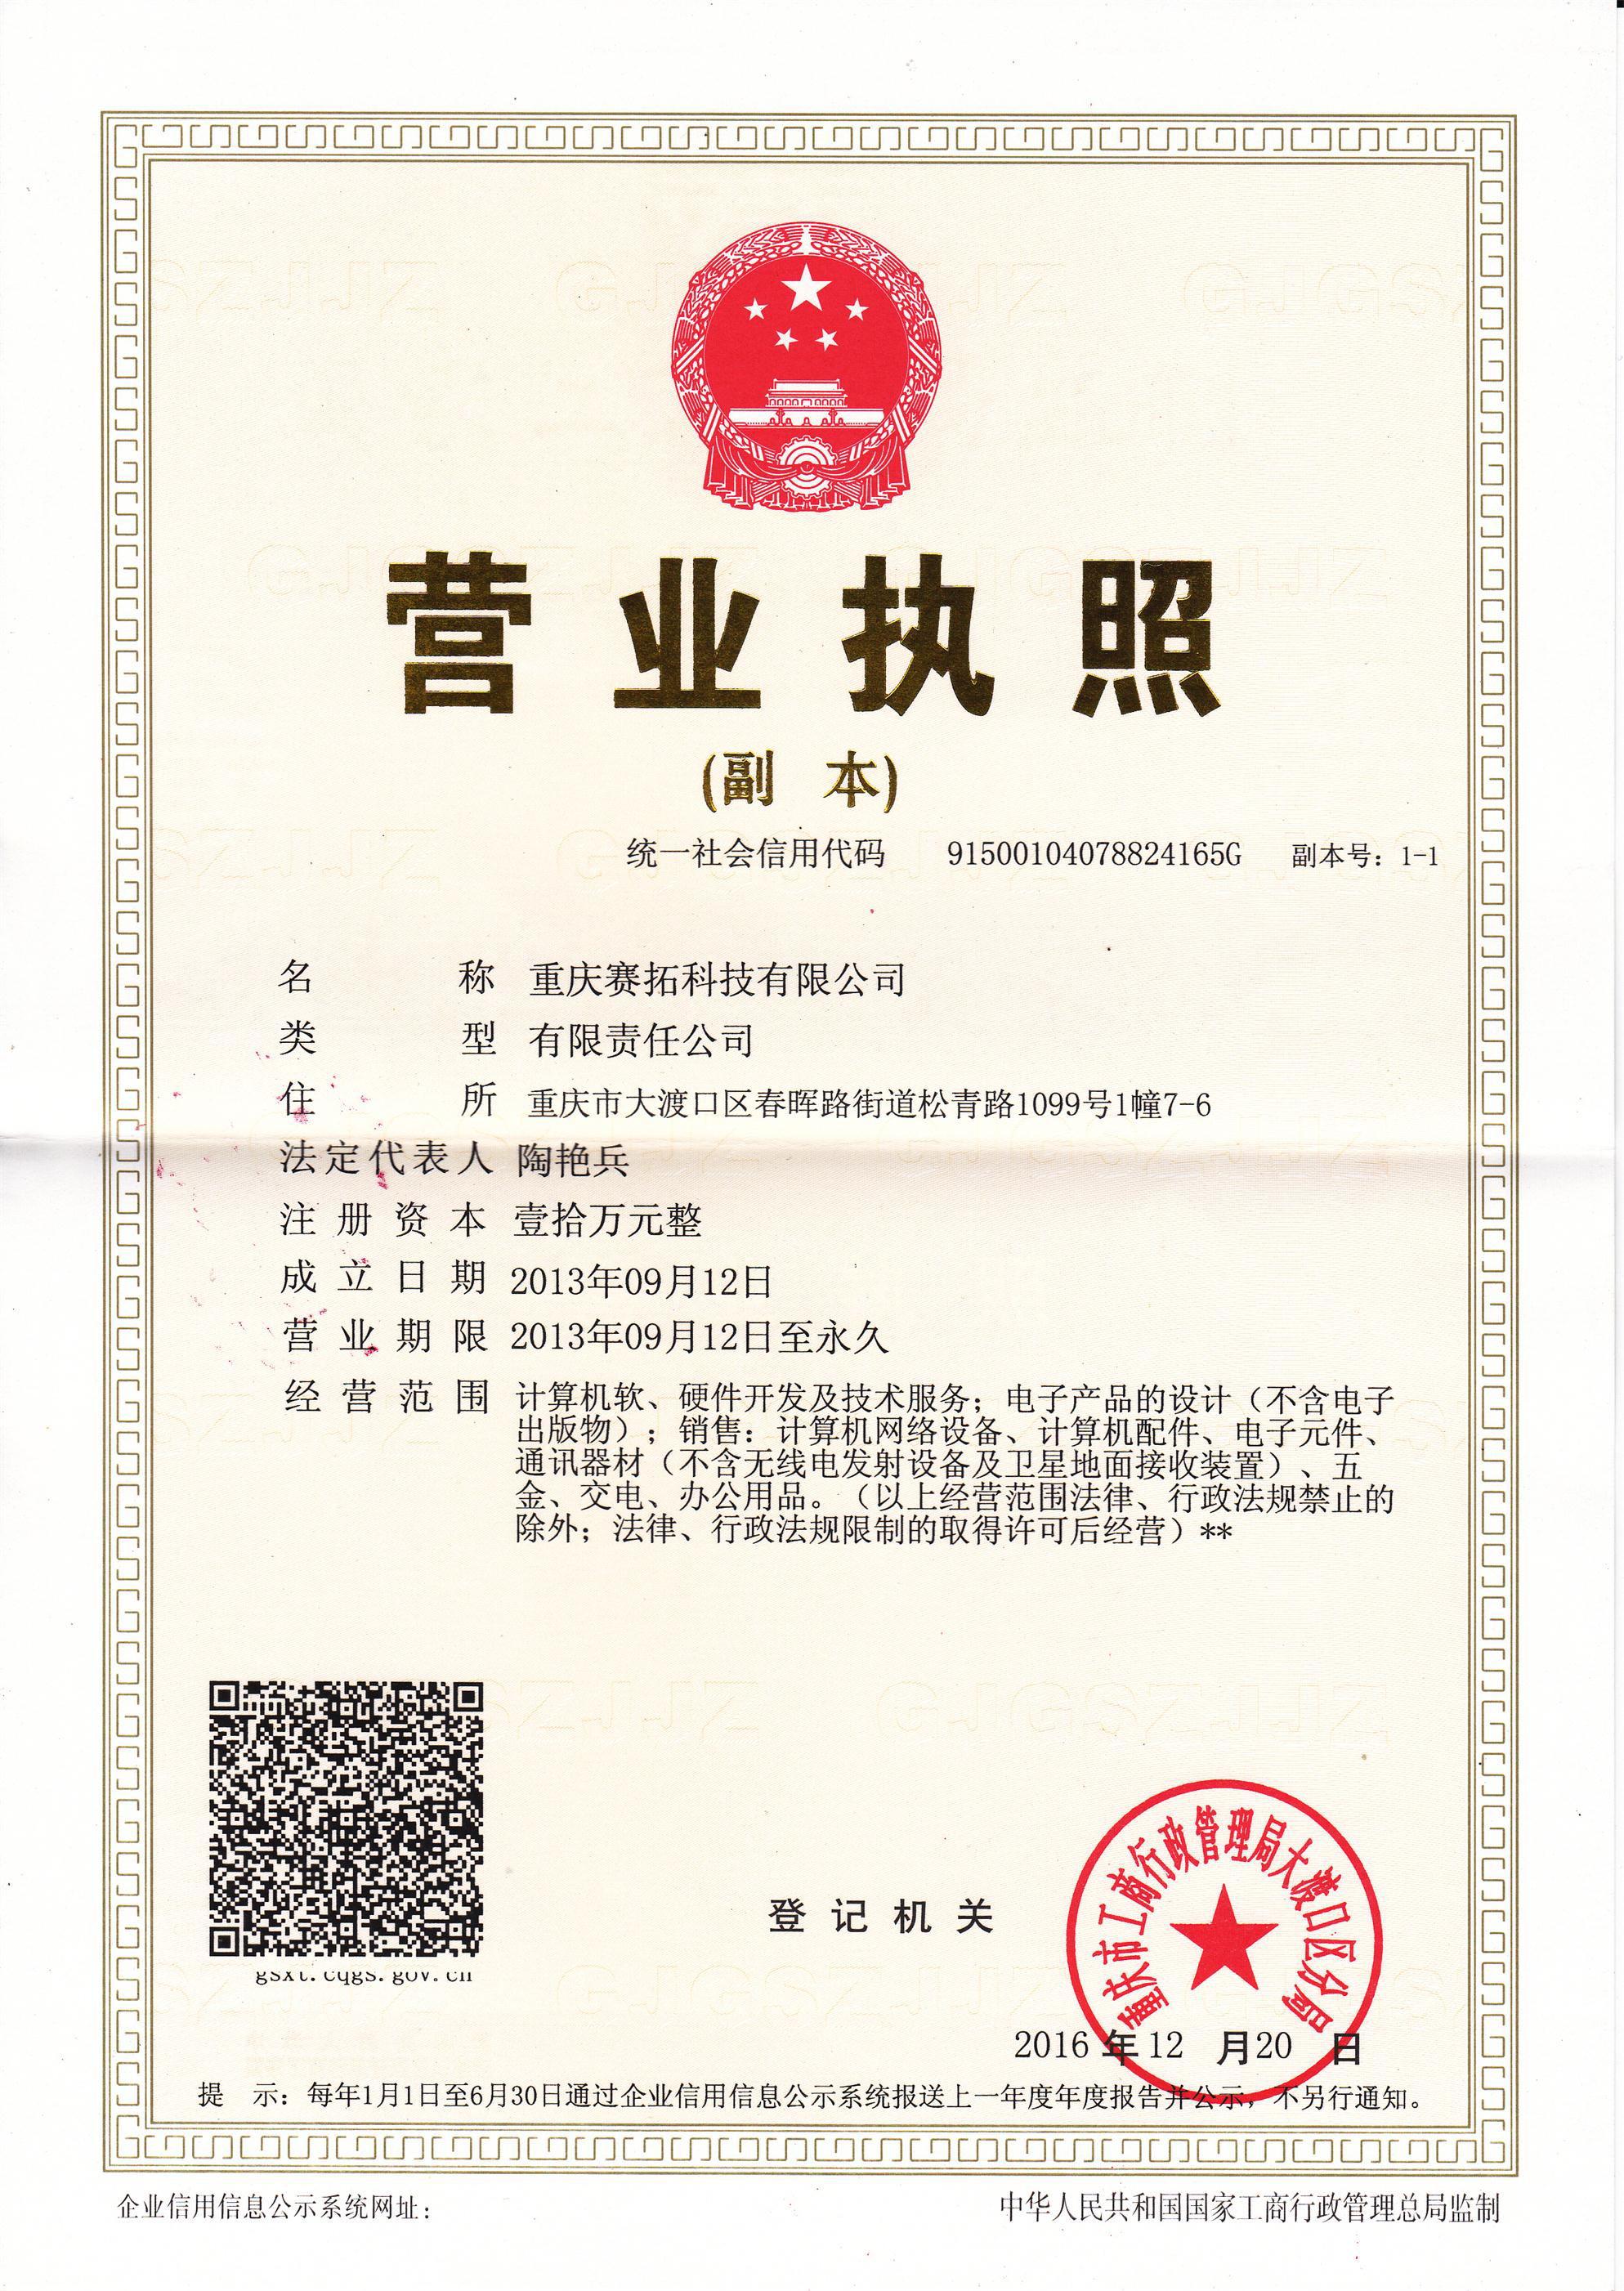 重庆赛拓科技有限公司